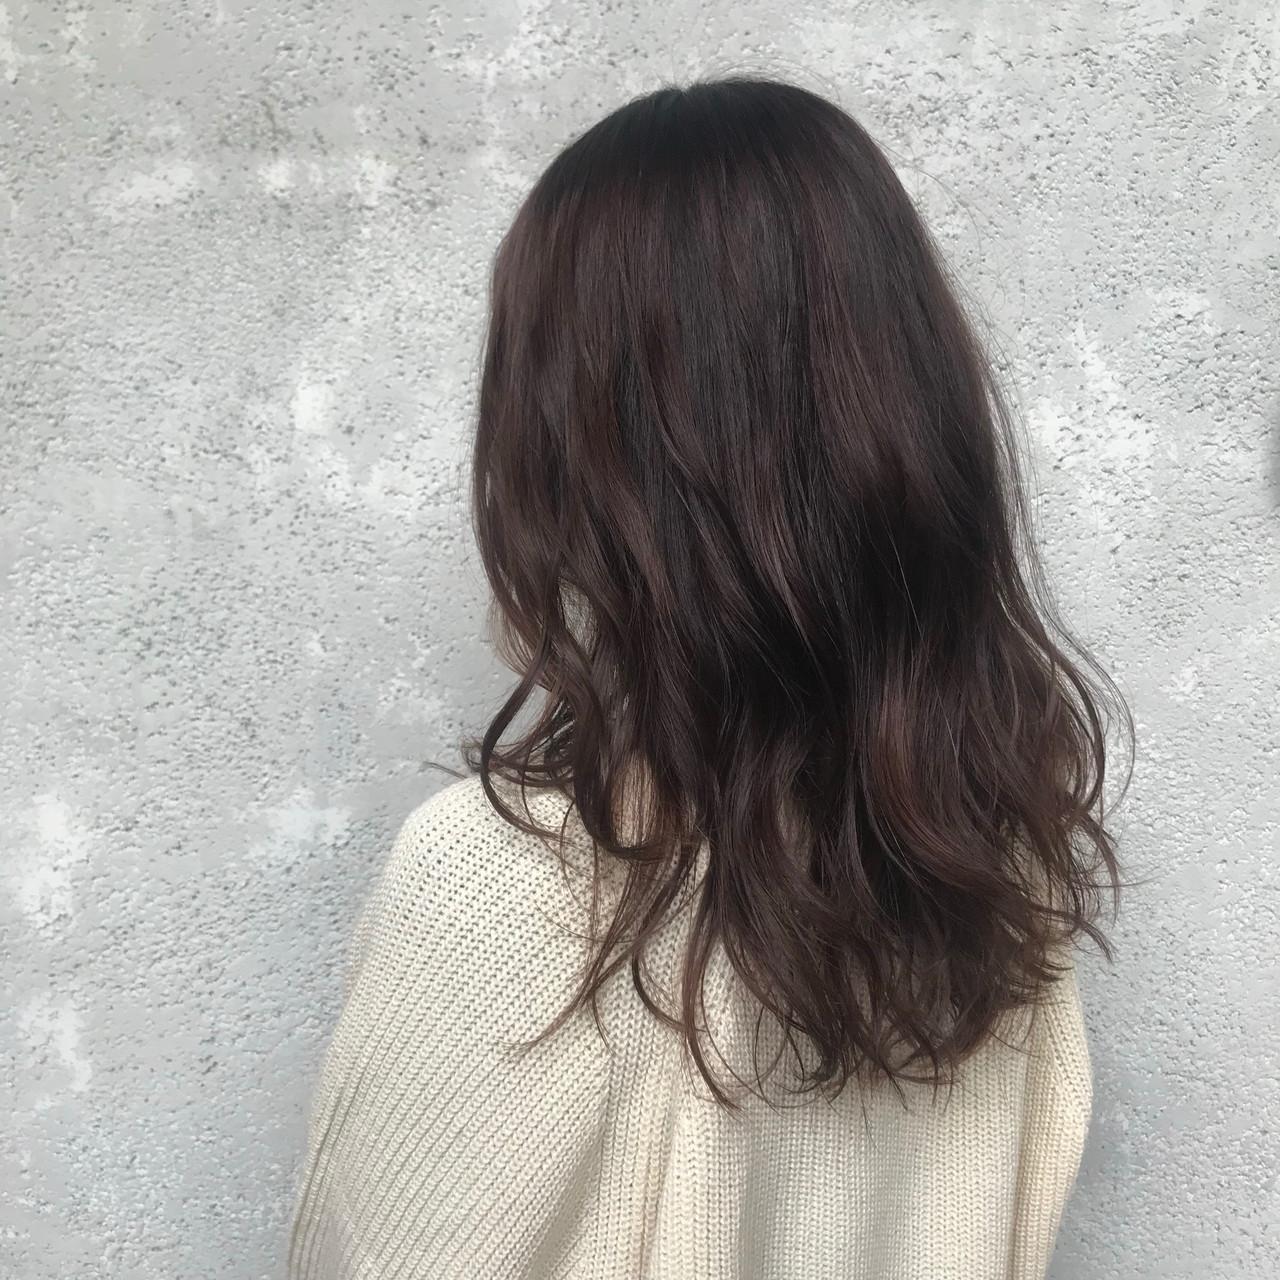 イルミナカラー レイヤーヘアー ナチュラル ロング ヘアスタイルや髪型の写真・画像